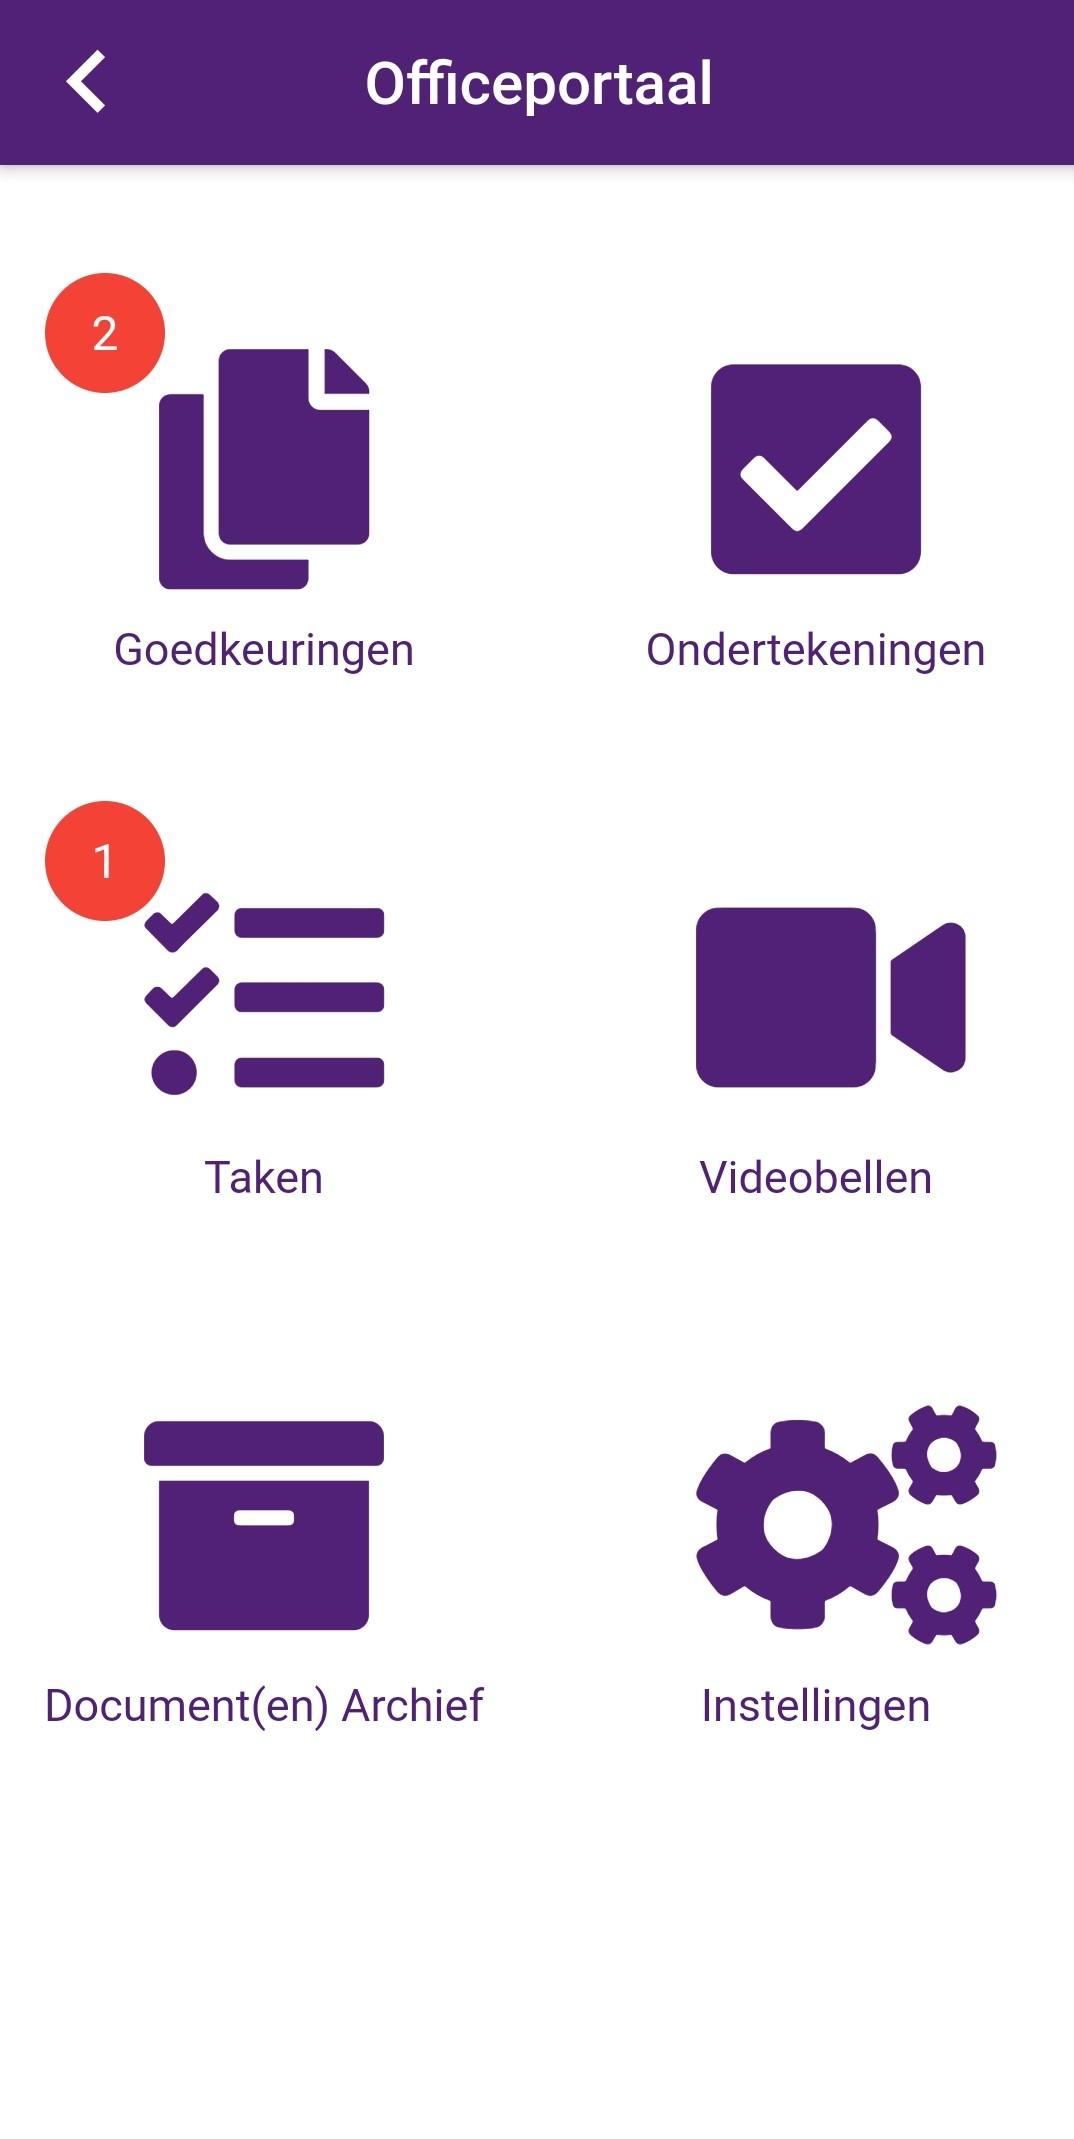 Scheepmaker App Officeportaal